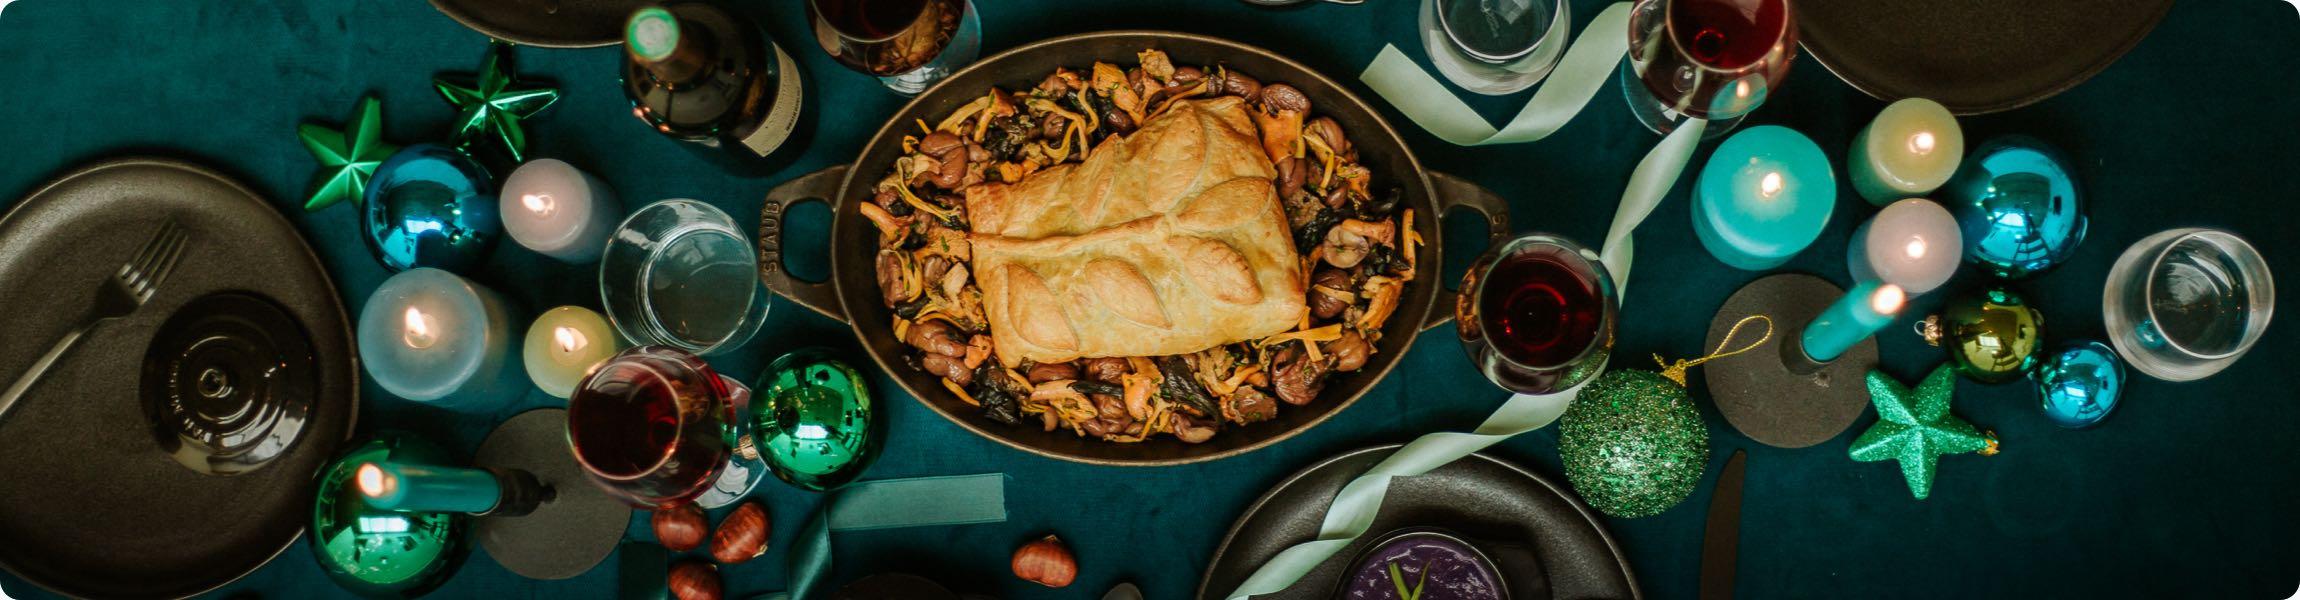 Filet de bœuf en croûte, champignons, châtaignes